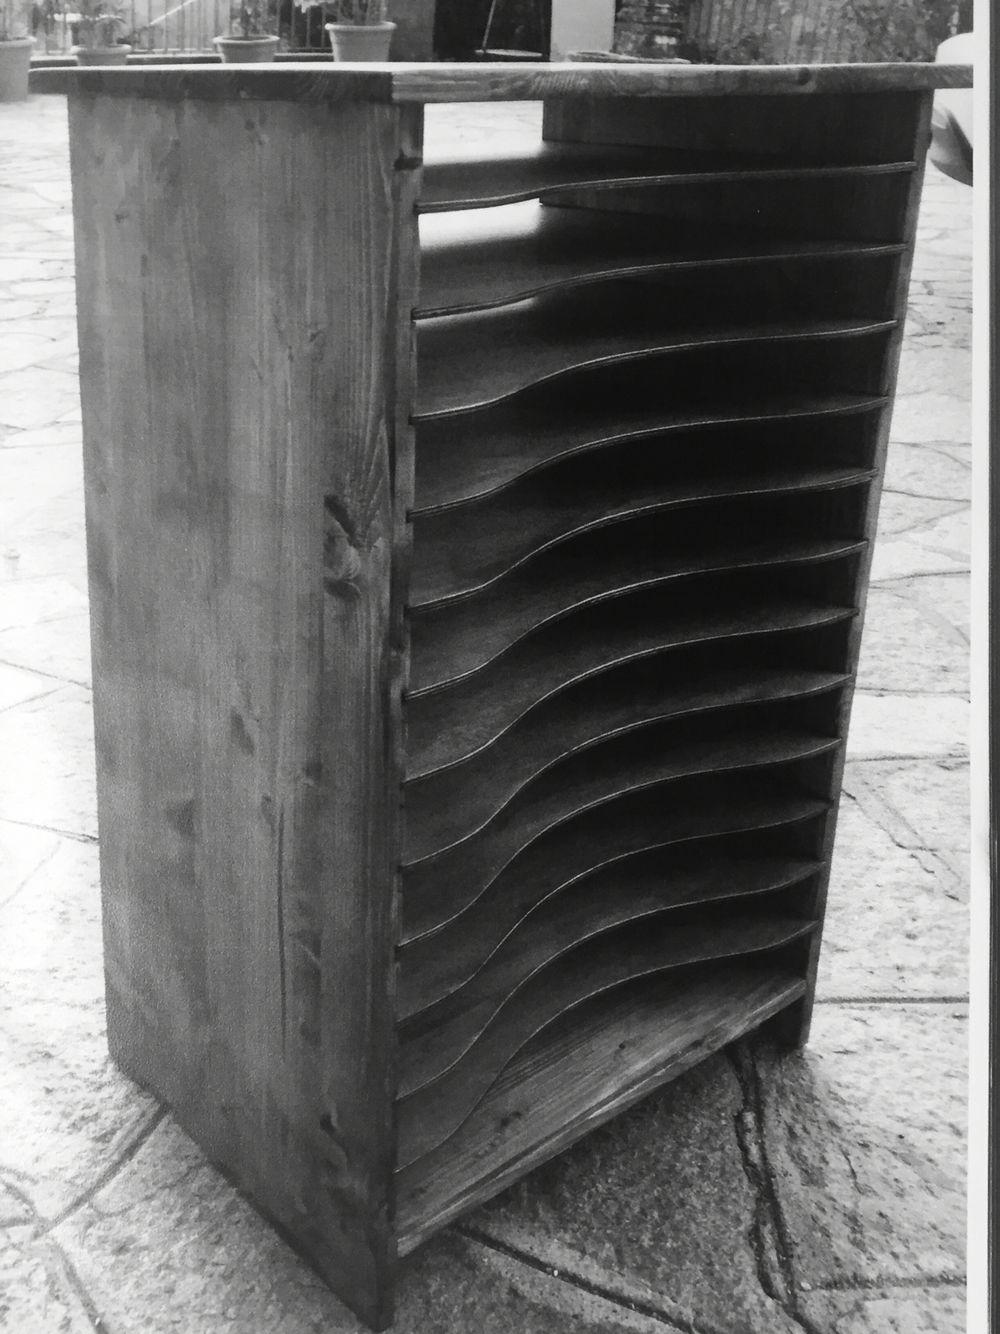 Porta documenti vintage riprodotto in legno castagno con ripiani rimovibili.